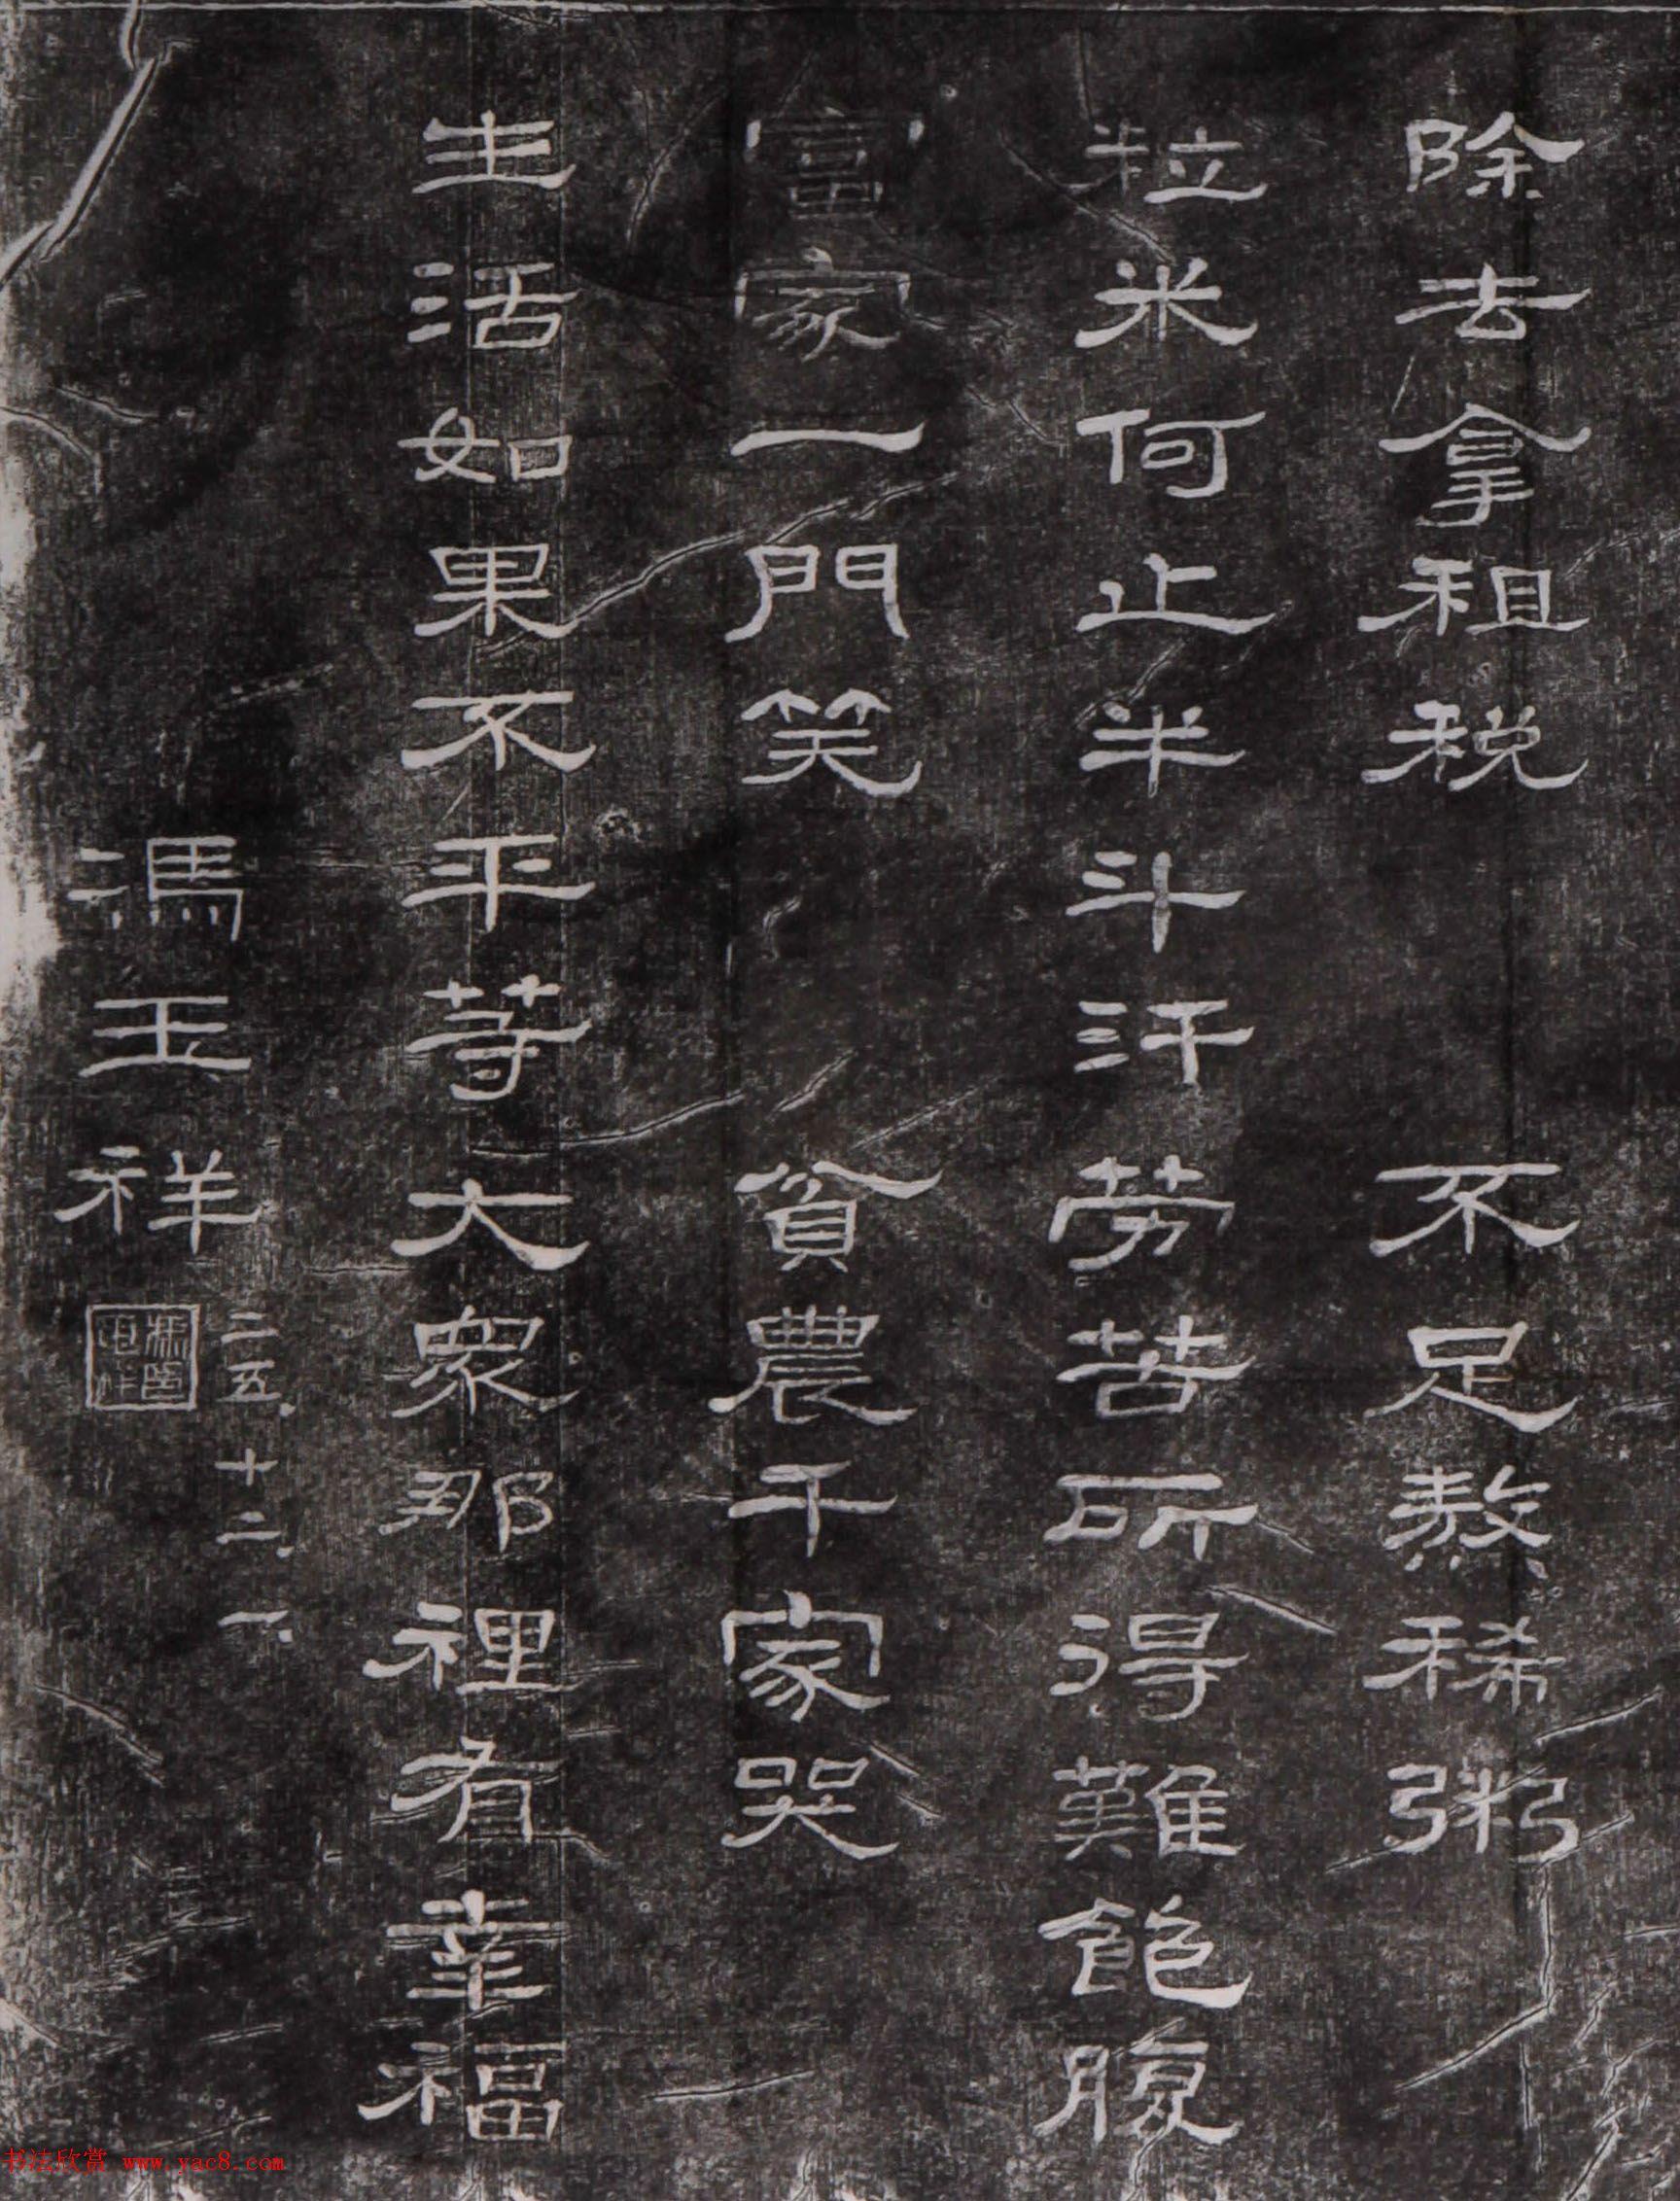 民国冯玉祥隶书诗刻四首